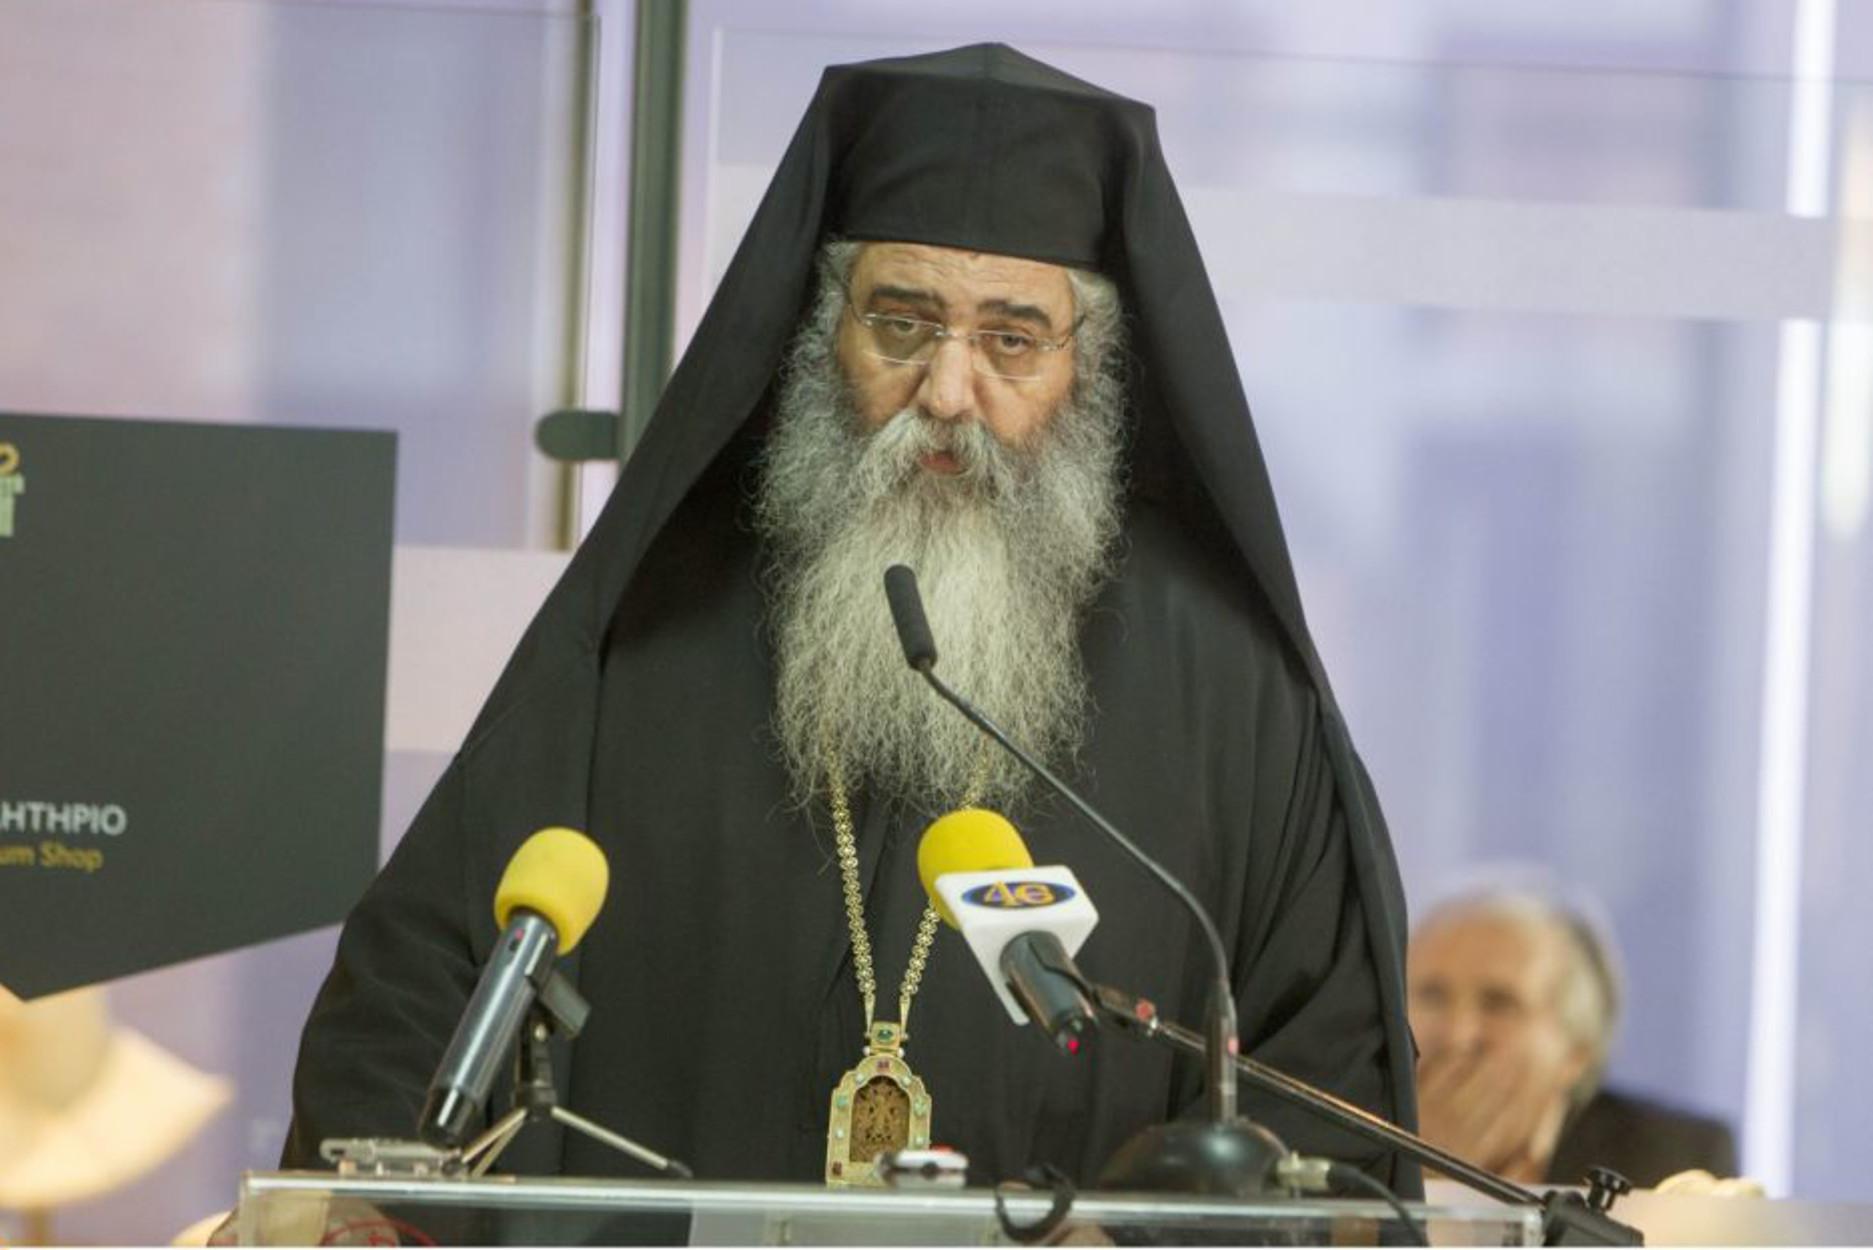 """Επιμένει ο Μητροπολίτης Μόρφου παρά τον σάλο - """"Εξέφρασα απλά τις θέσεις της εκκλησίας"""""""